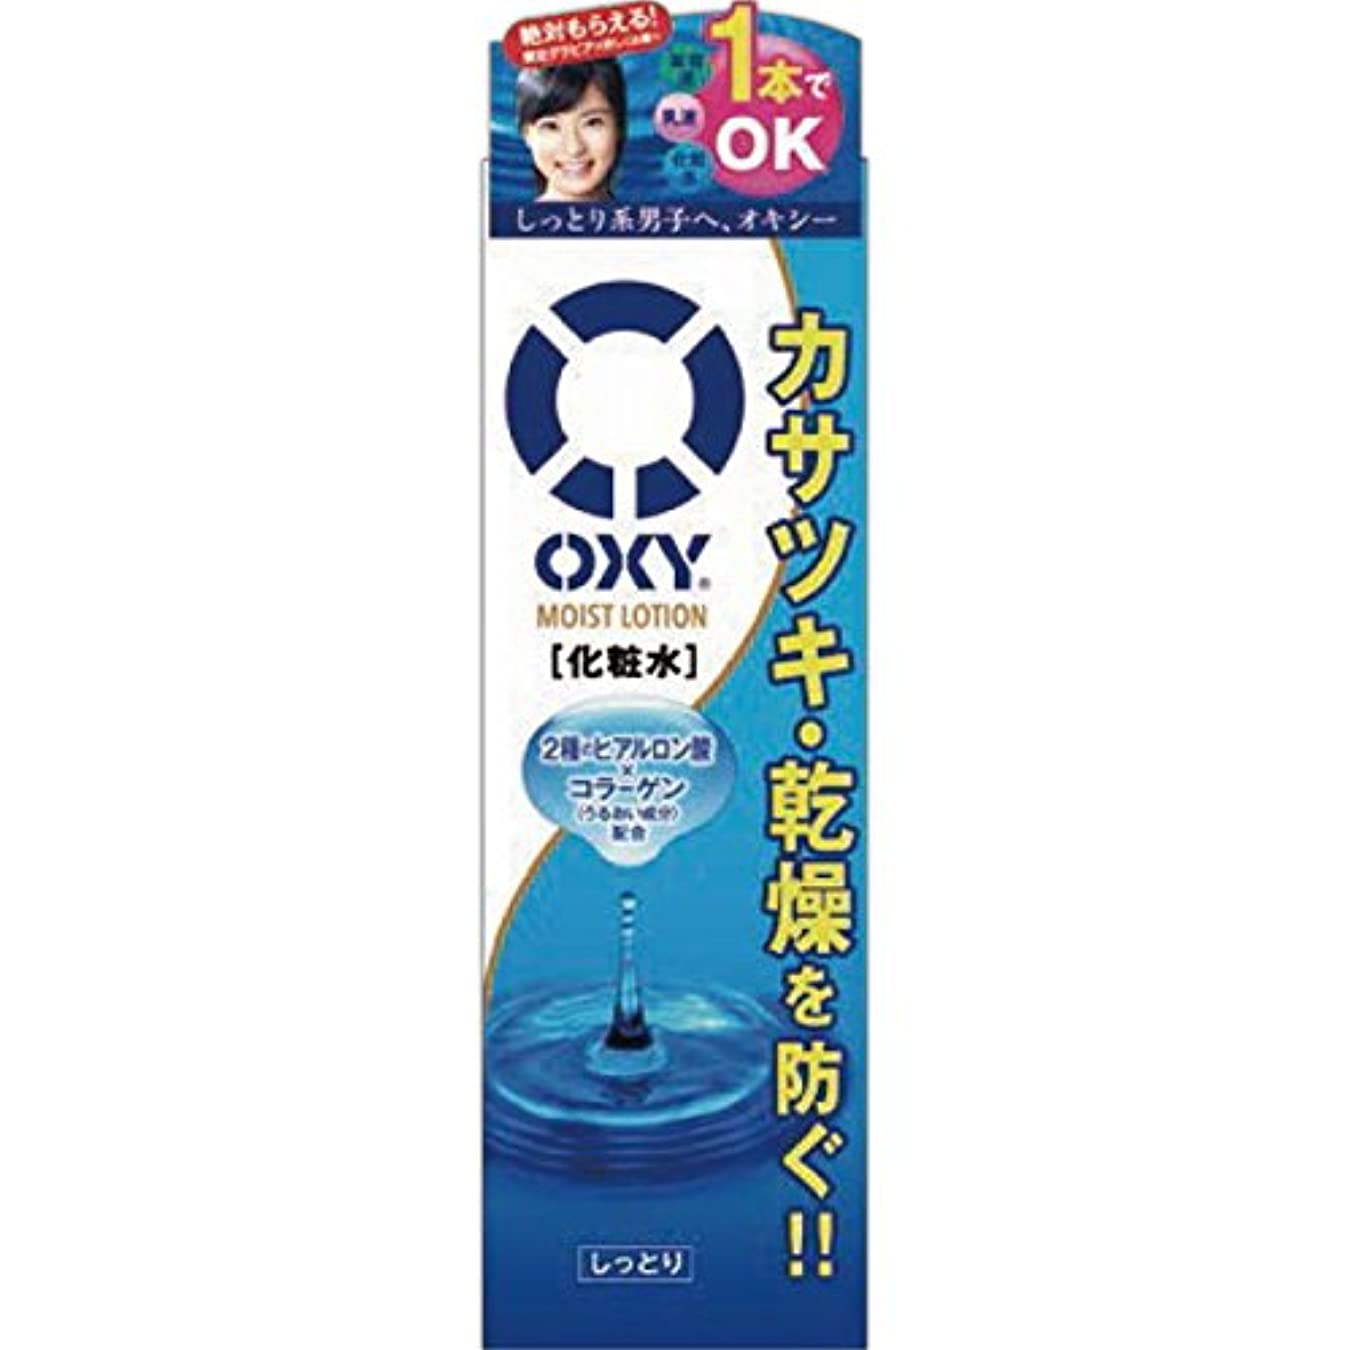 申し込む追加集めるオキシー (Oxy) モイストローション オールインワン化粧水 2種のヒアルロン酸×コラーゲン配合 ゼラニウムの香 170mL